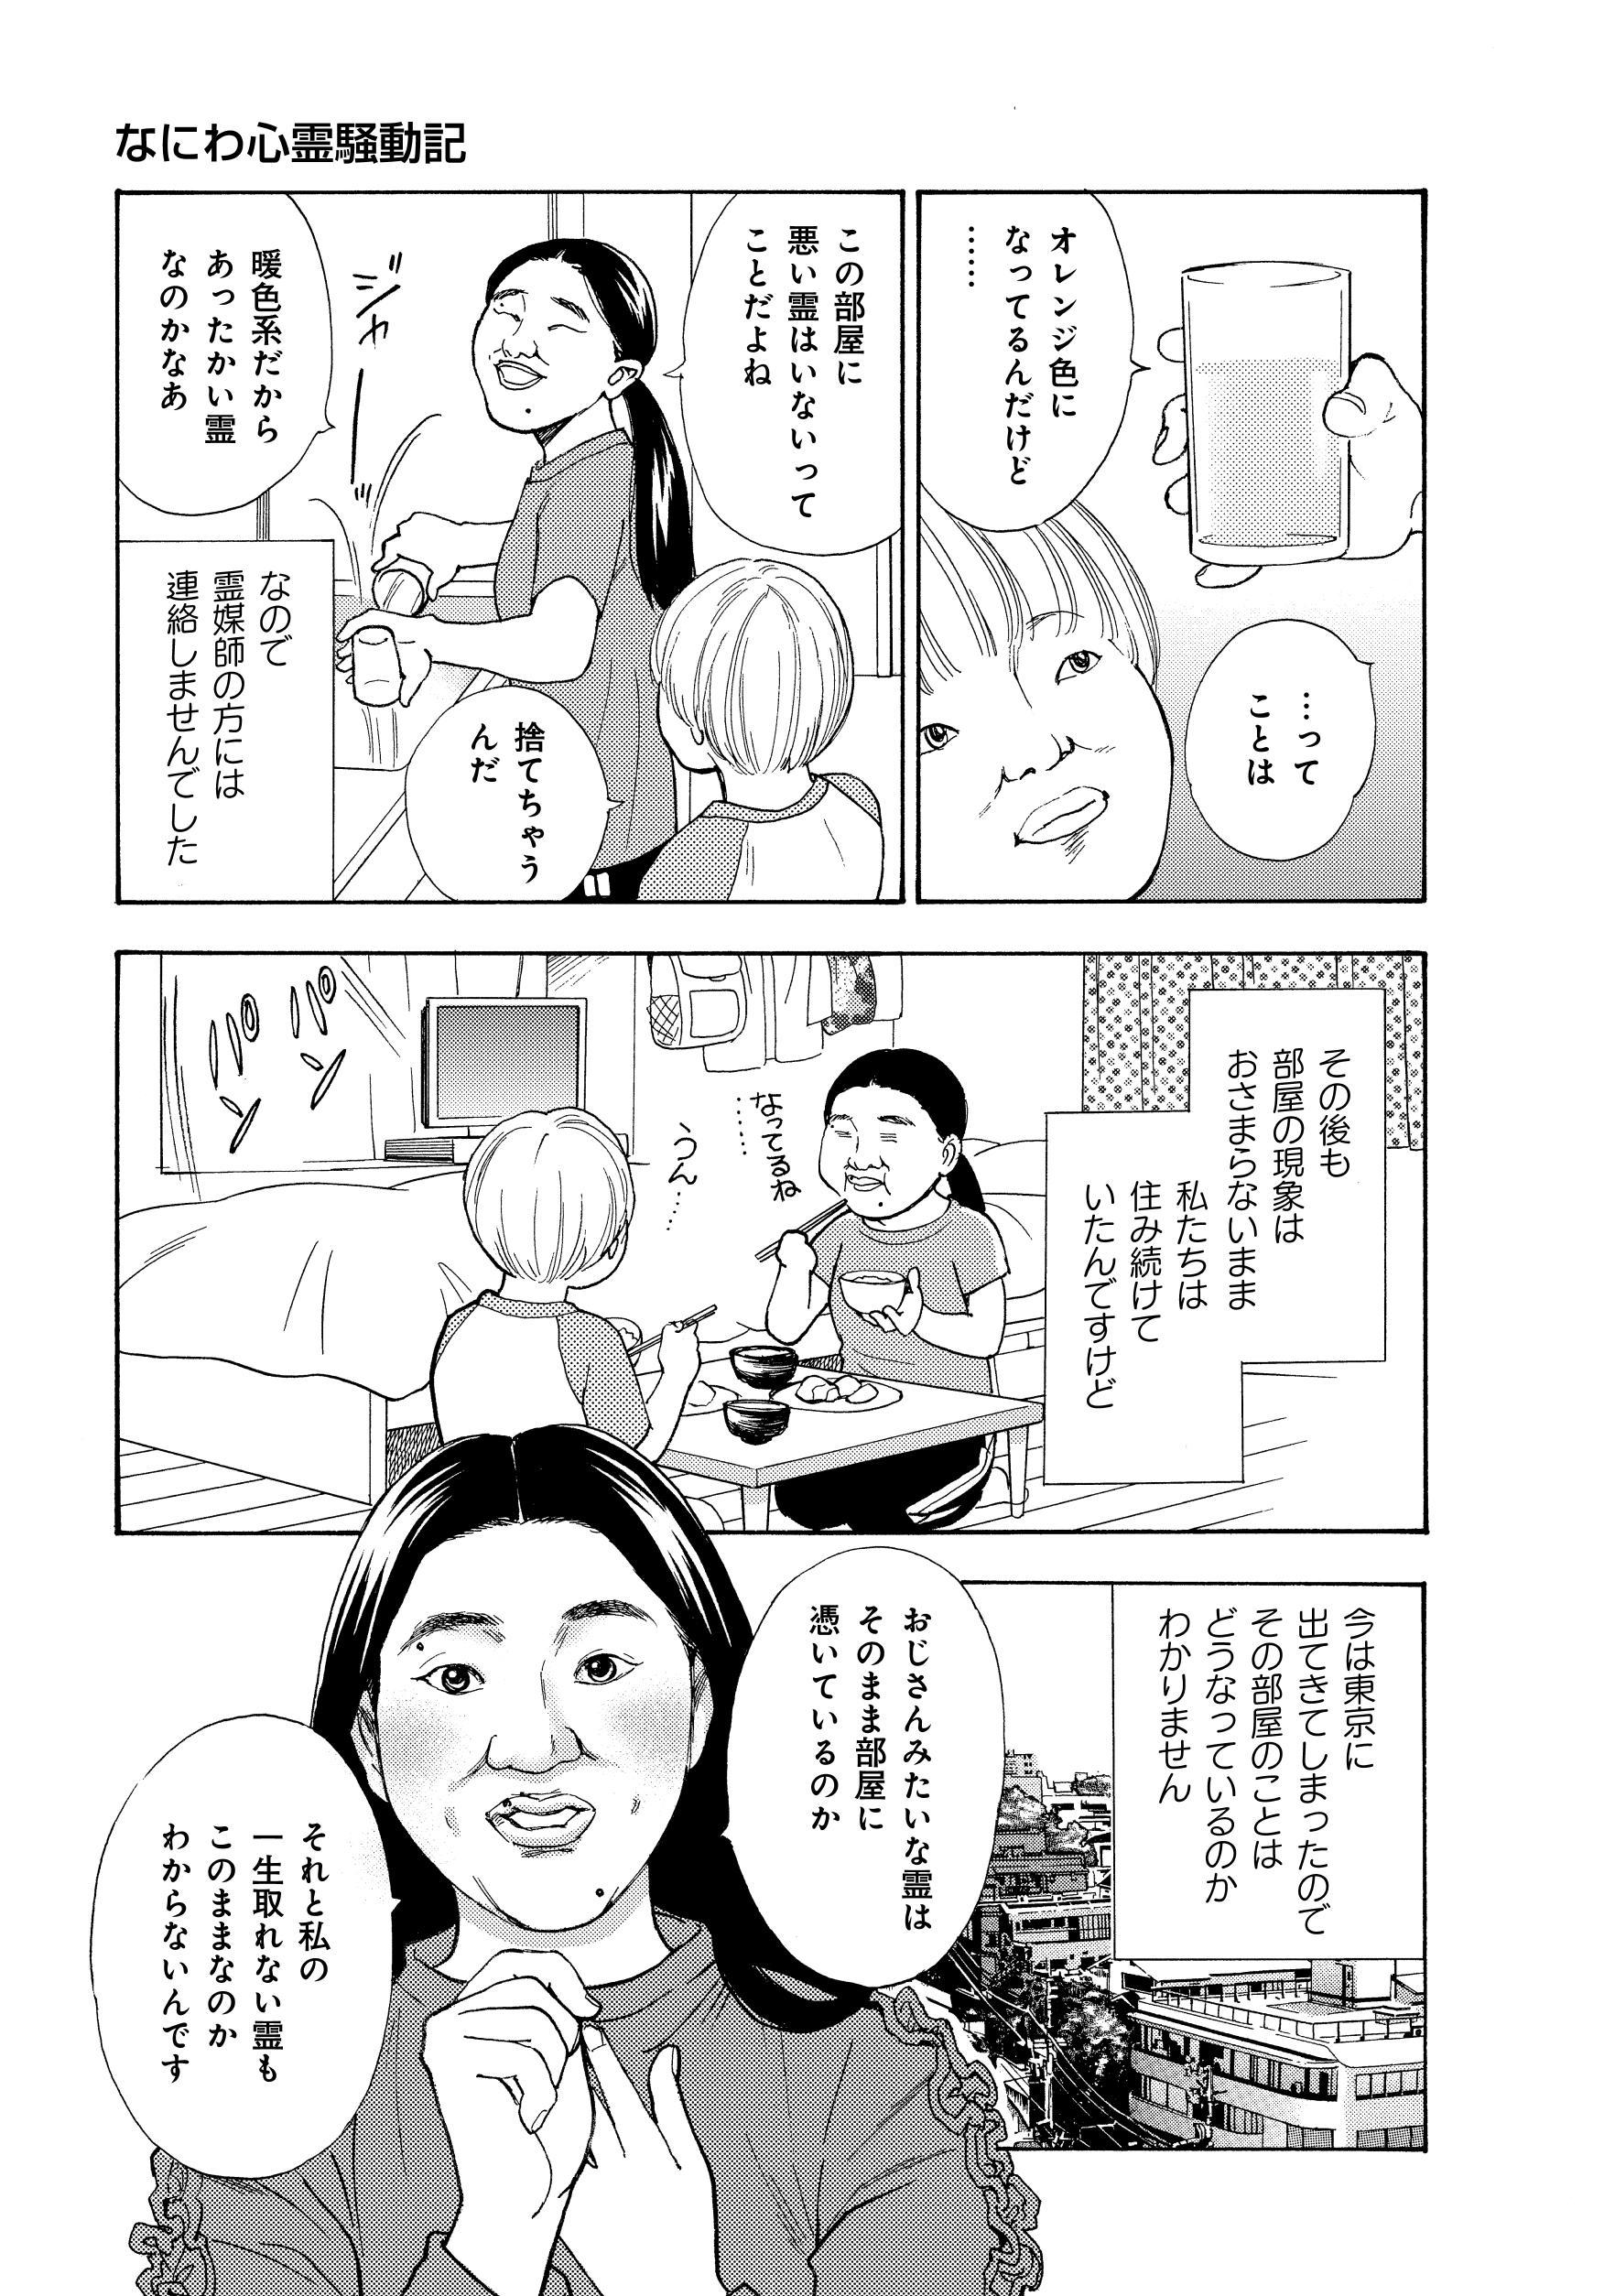 原作特集_187.jpg